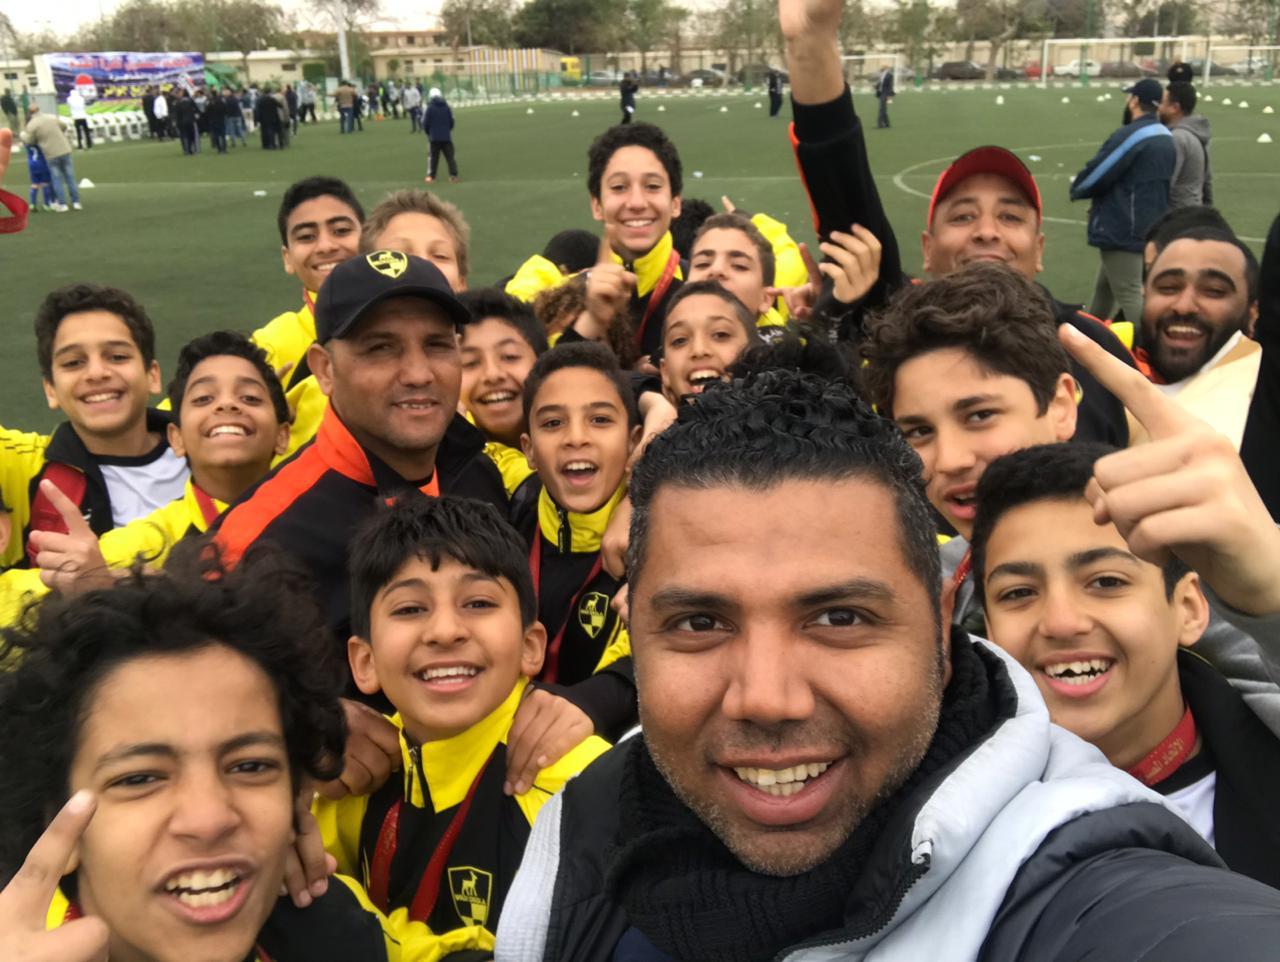 أبو مسلم يقود وادي دجلة 2006 للفوز بأول الدوري دون أي هزيمة في الدور الثاني 5